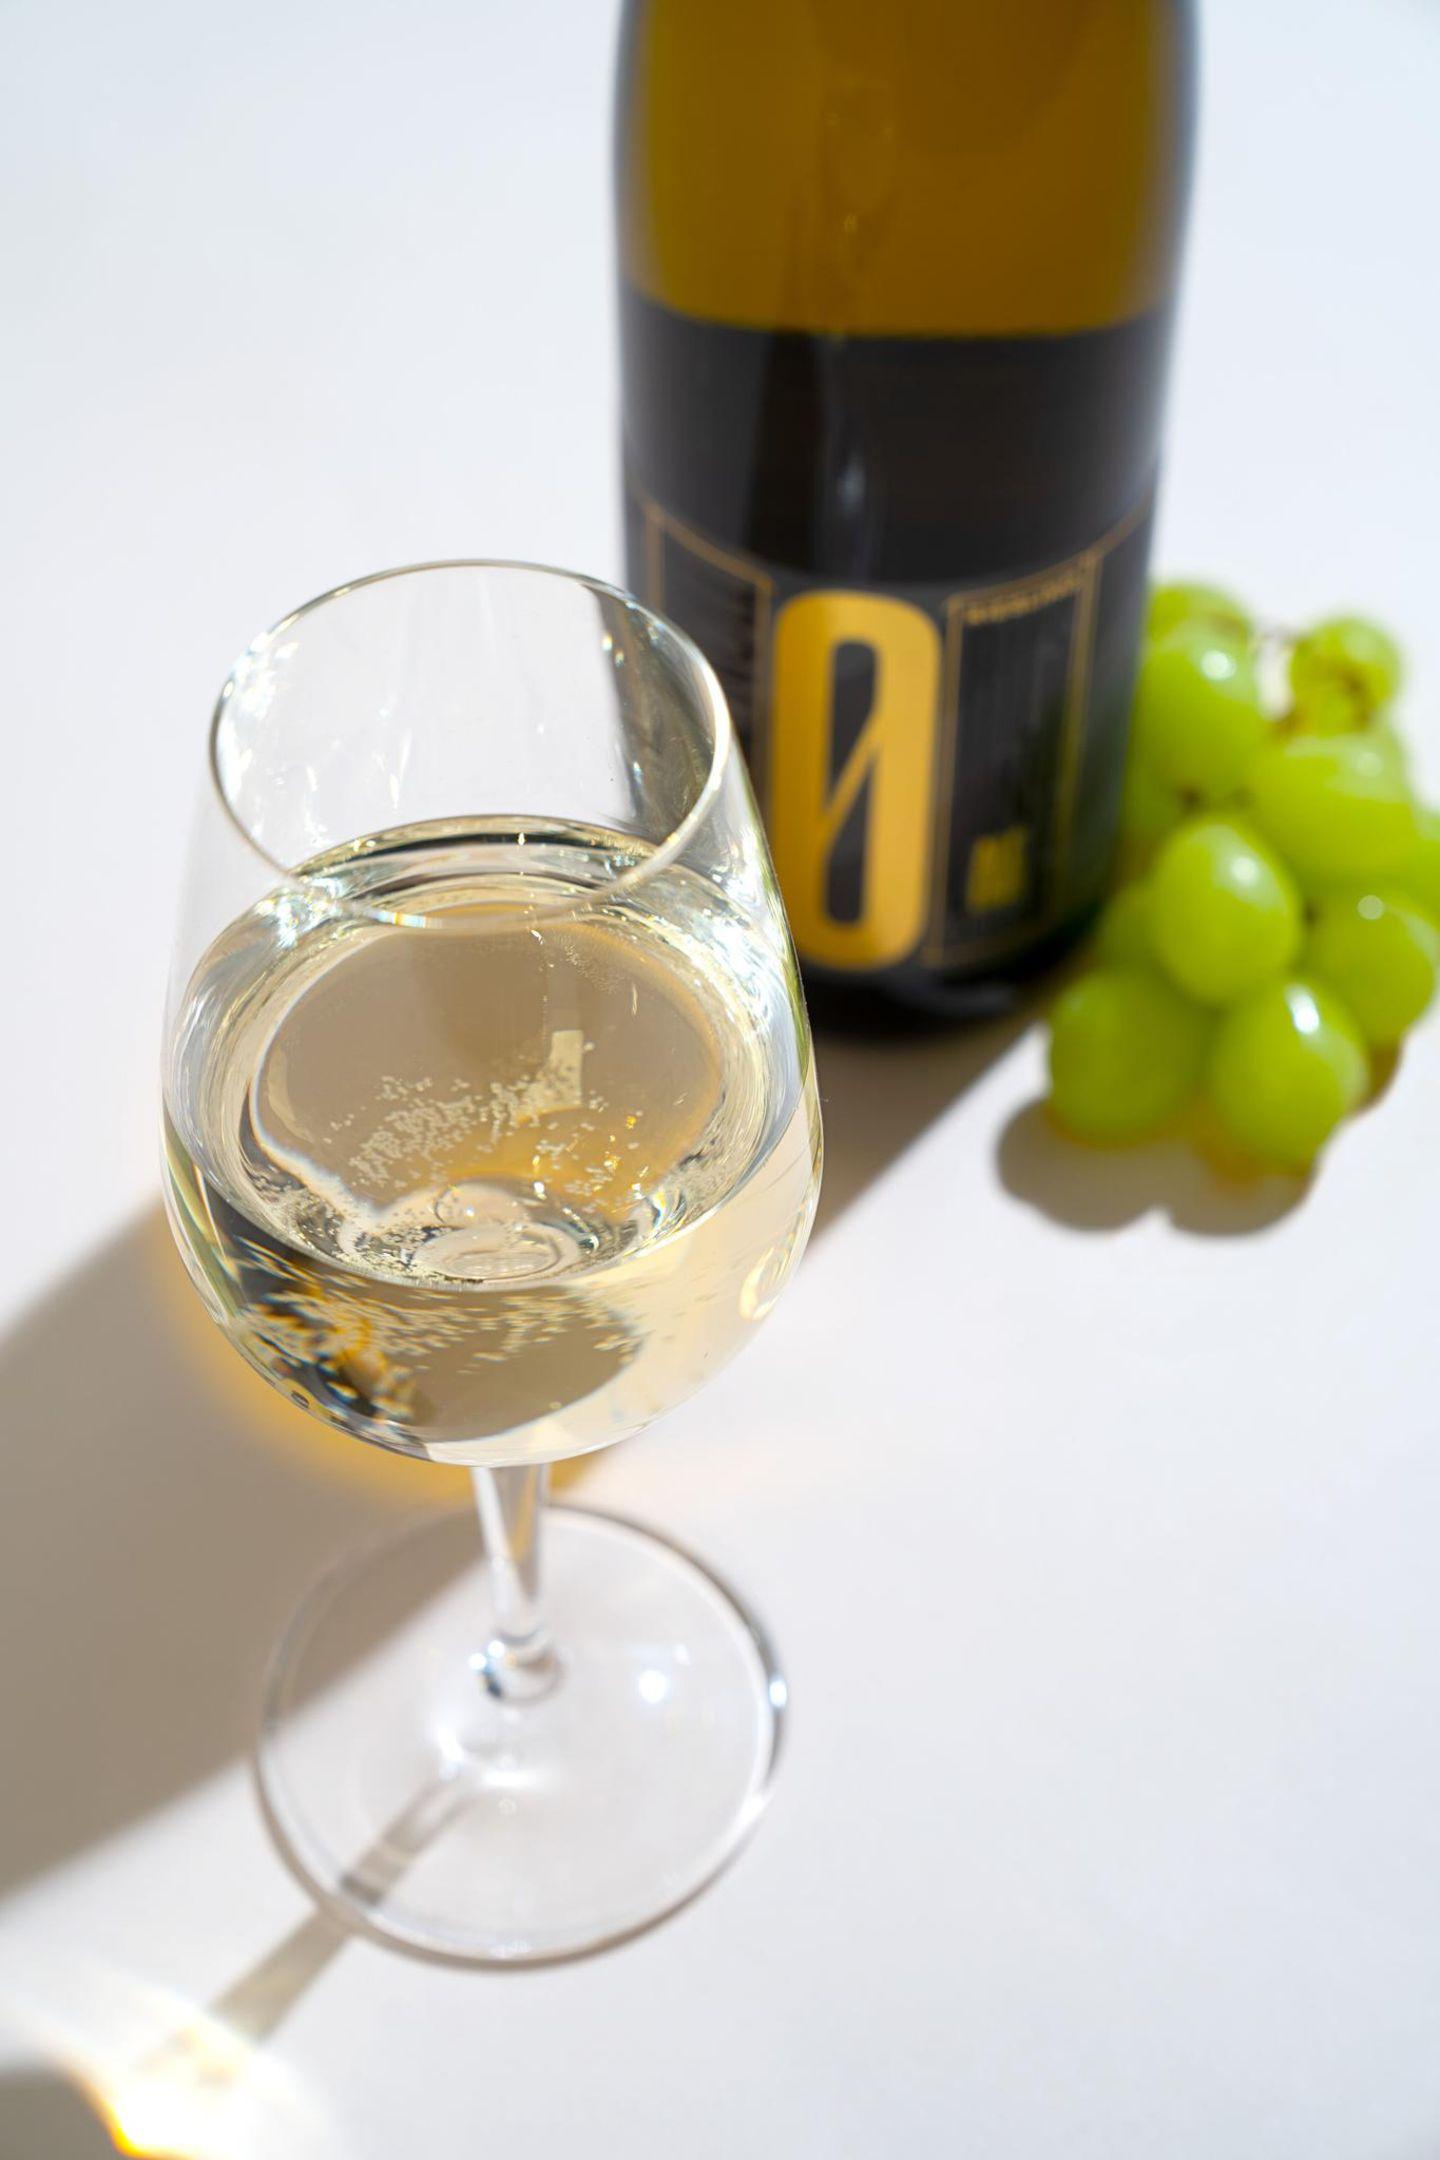 Wenn es nicht unbedingt ein Abend zum Ausgehen mit viel Trara sein muss, reichen oft auch eine tolle Freundin und ein guter Wein. Dieser tolle Weißwein macht es uns sogar ganz einfach und kommt ohne Alkohol und Kopfschmerzen aus. We like!